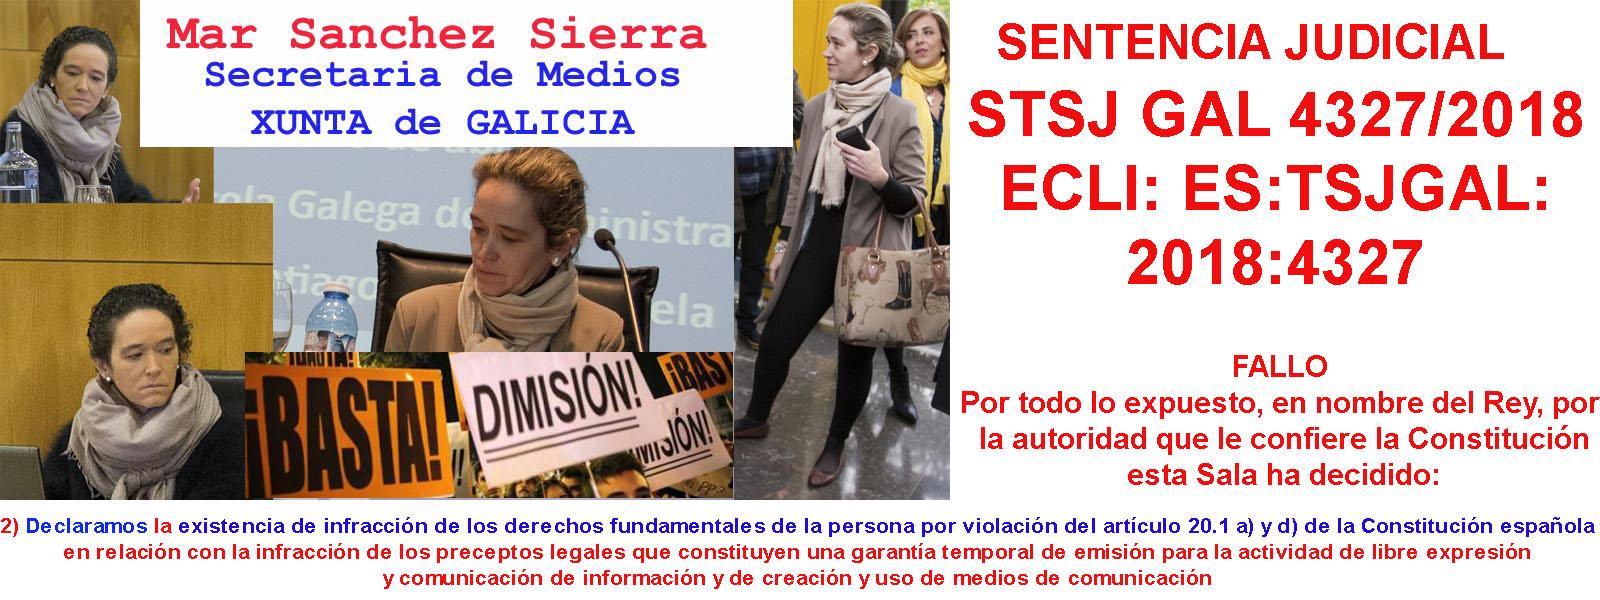 17 de Octubre 2020; El dinero público como forma de blanqueo de capitales.- María del Mar Sánchez Sierra asesora del PPdeG anuncia 4 cuentas bancarias privadas para gestionar donativos anónimos.